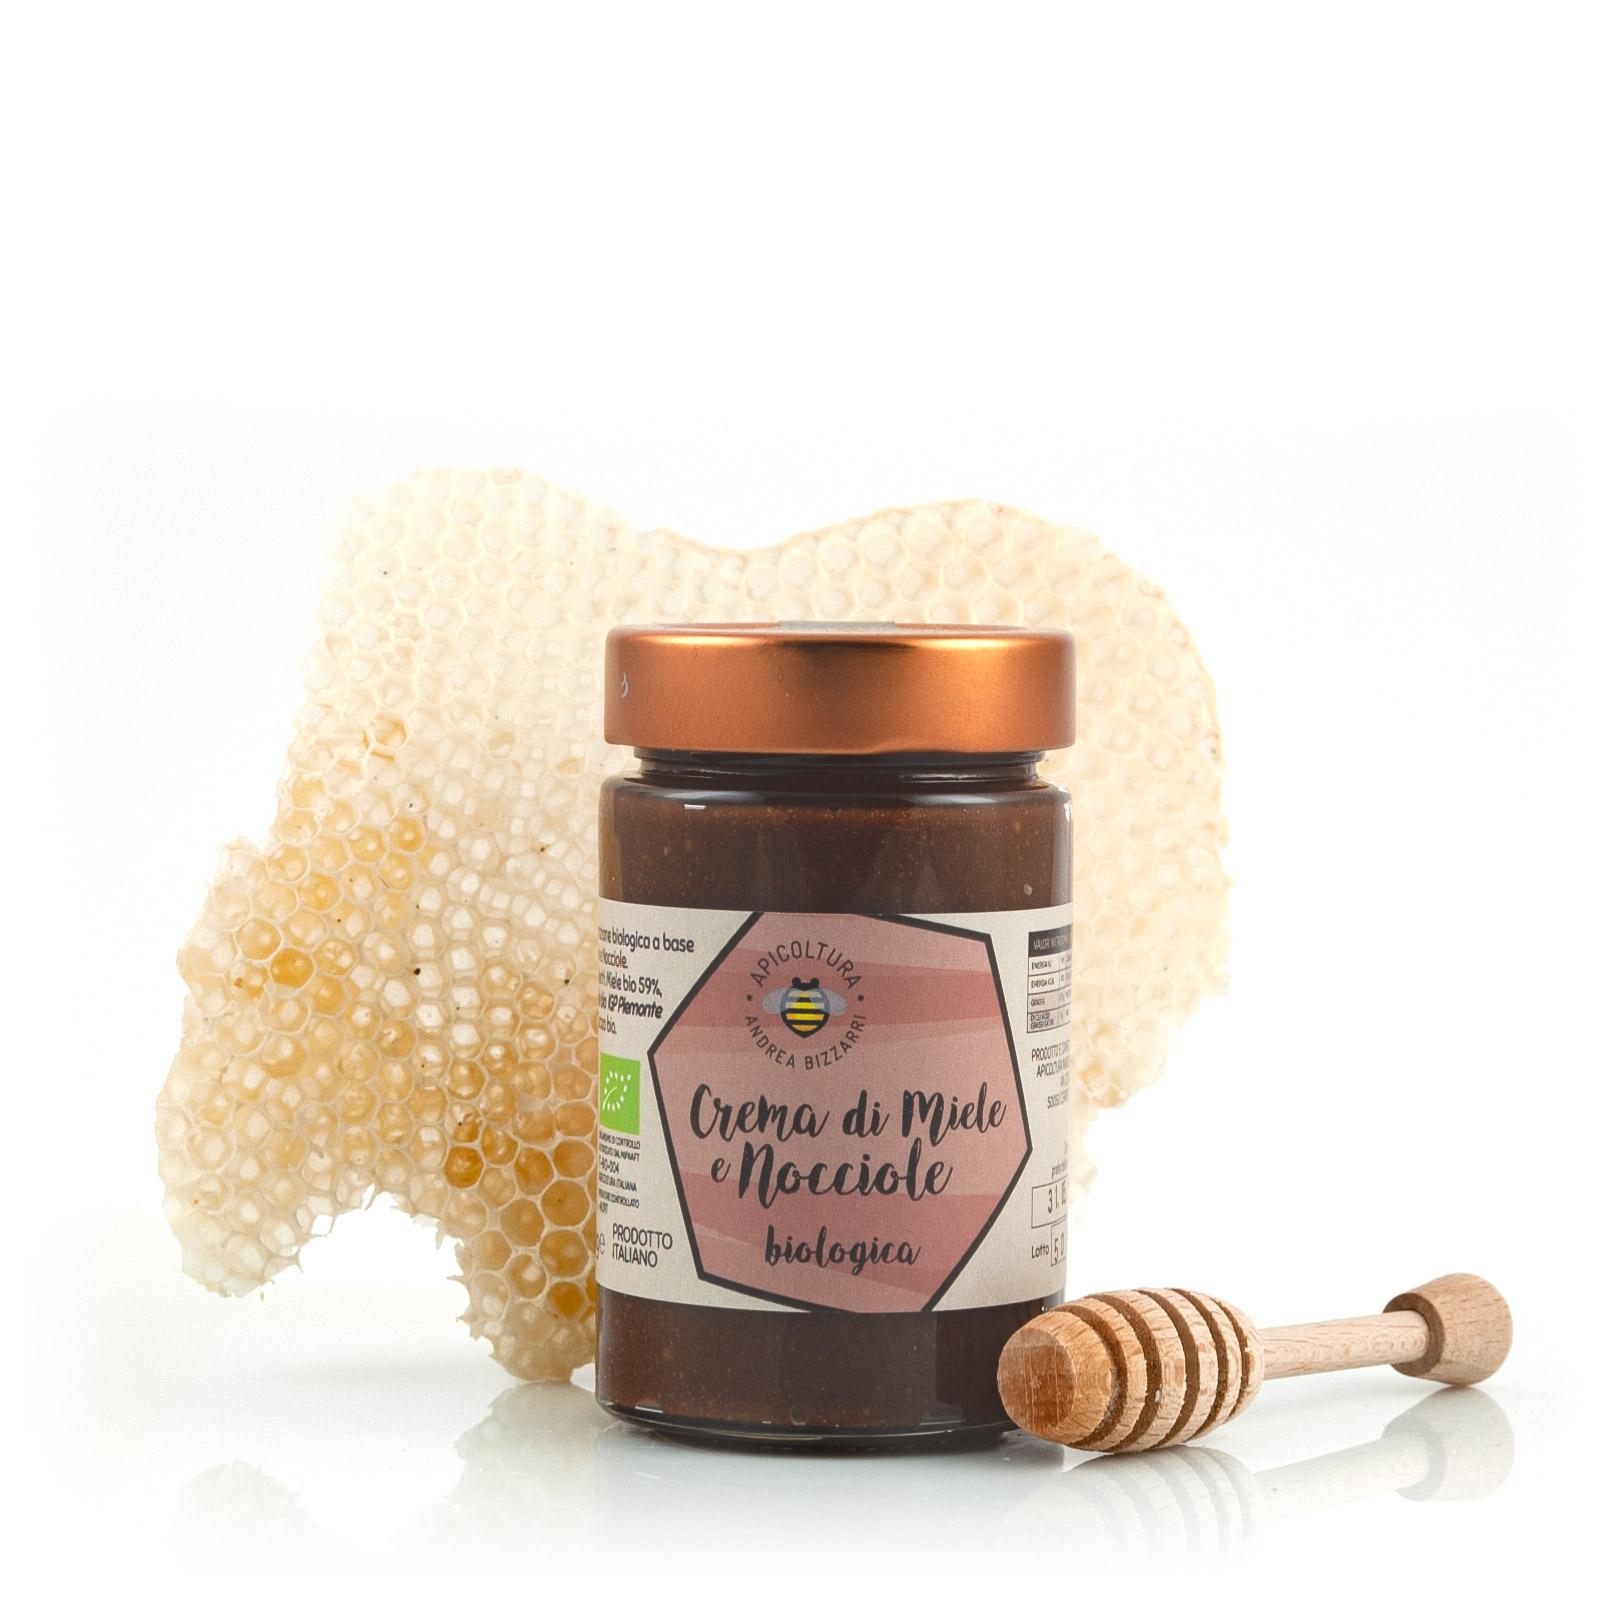 Apicoltura Andrea Bizzarri Crema di Miele e Nocciole